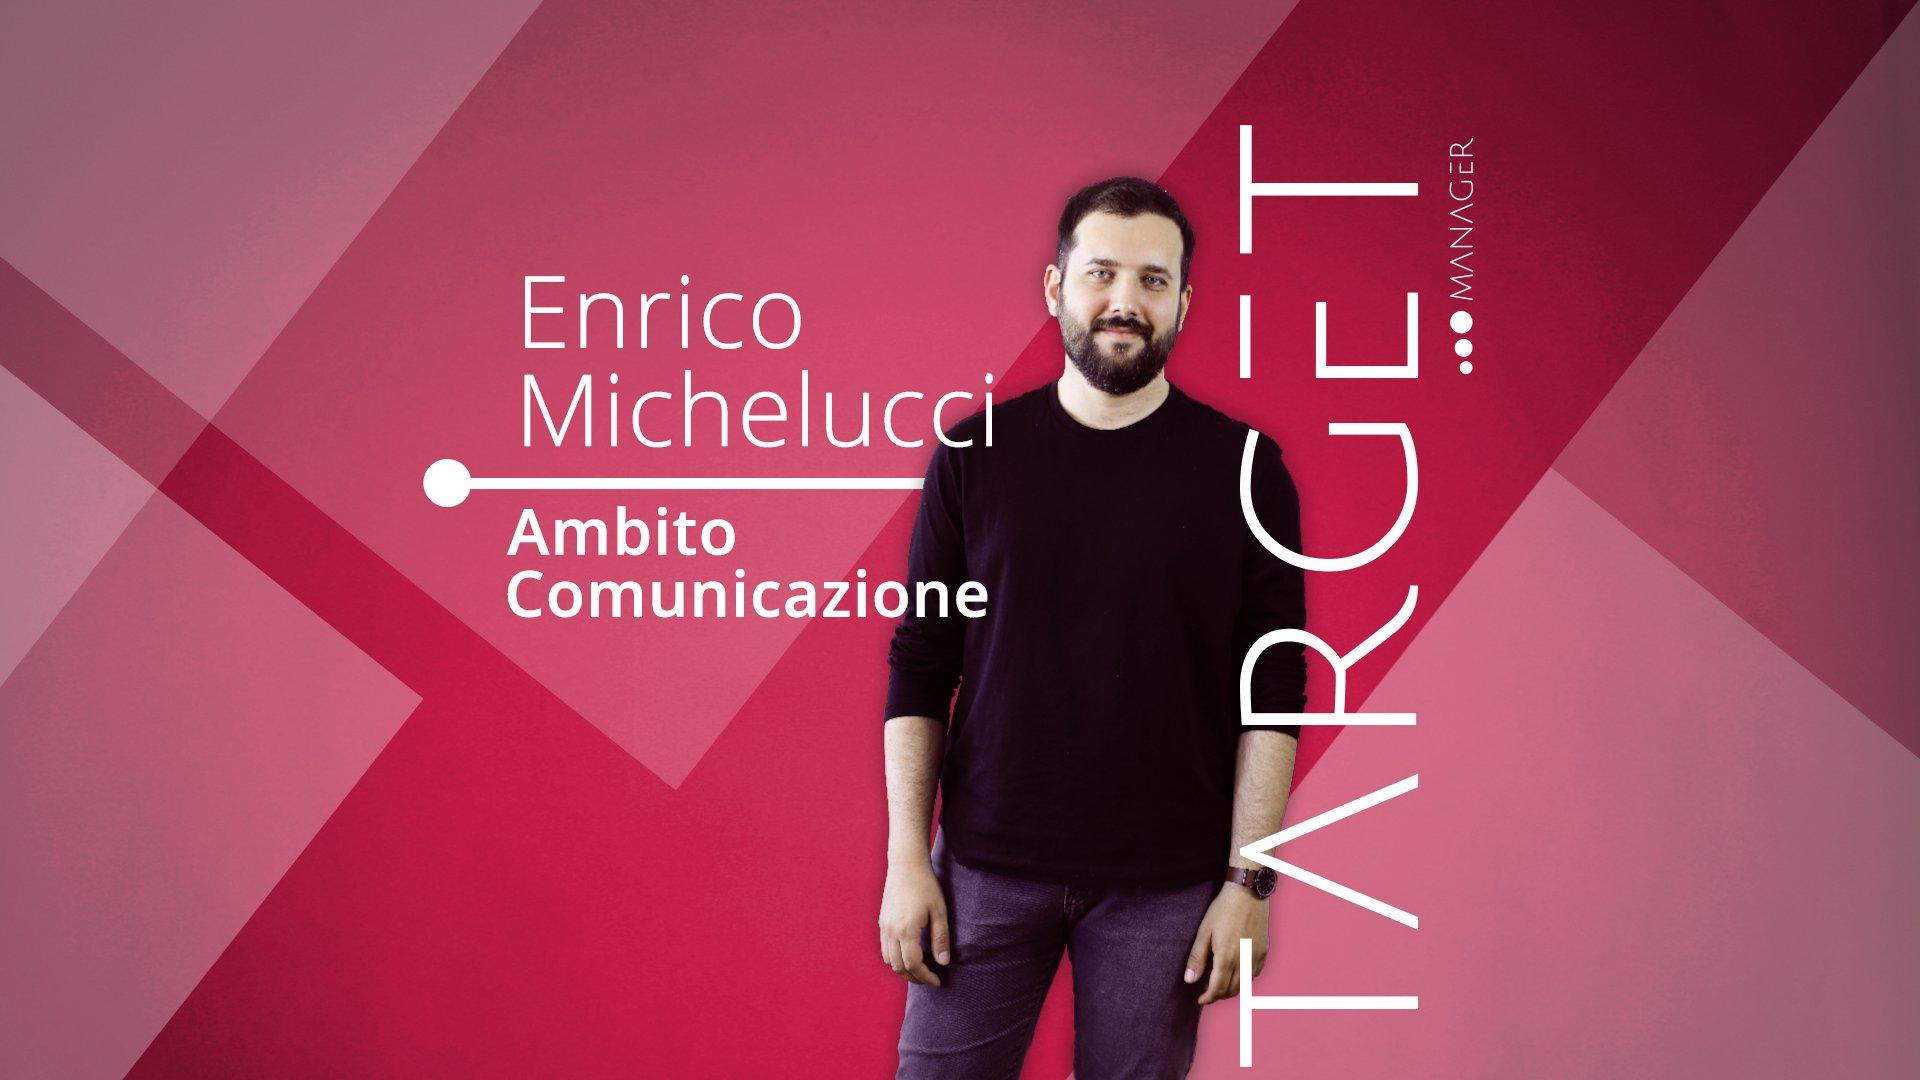 Enrico Michelucci